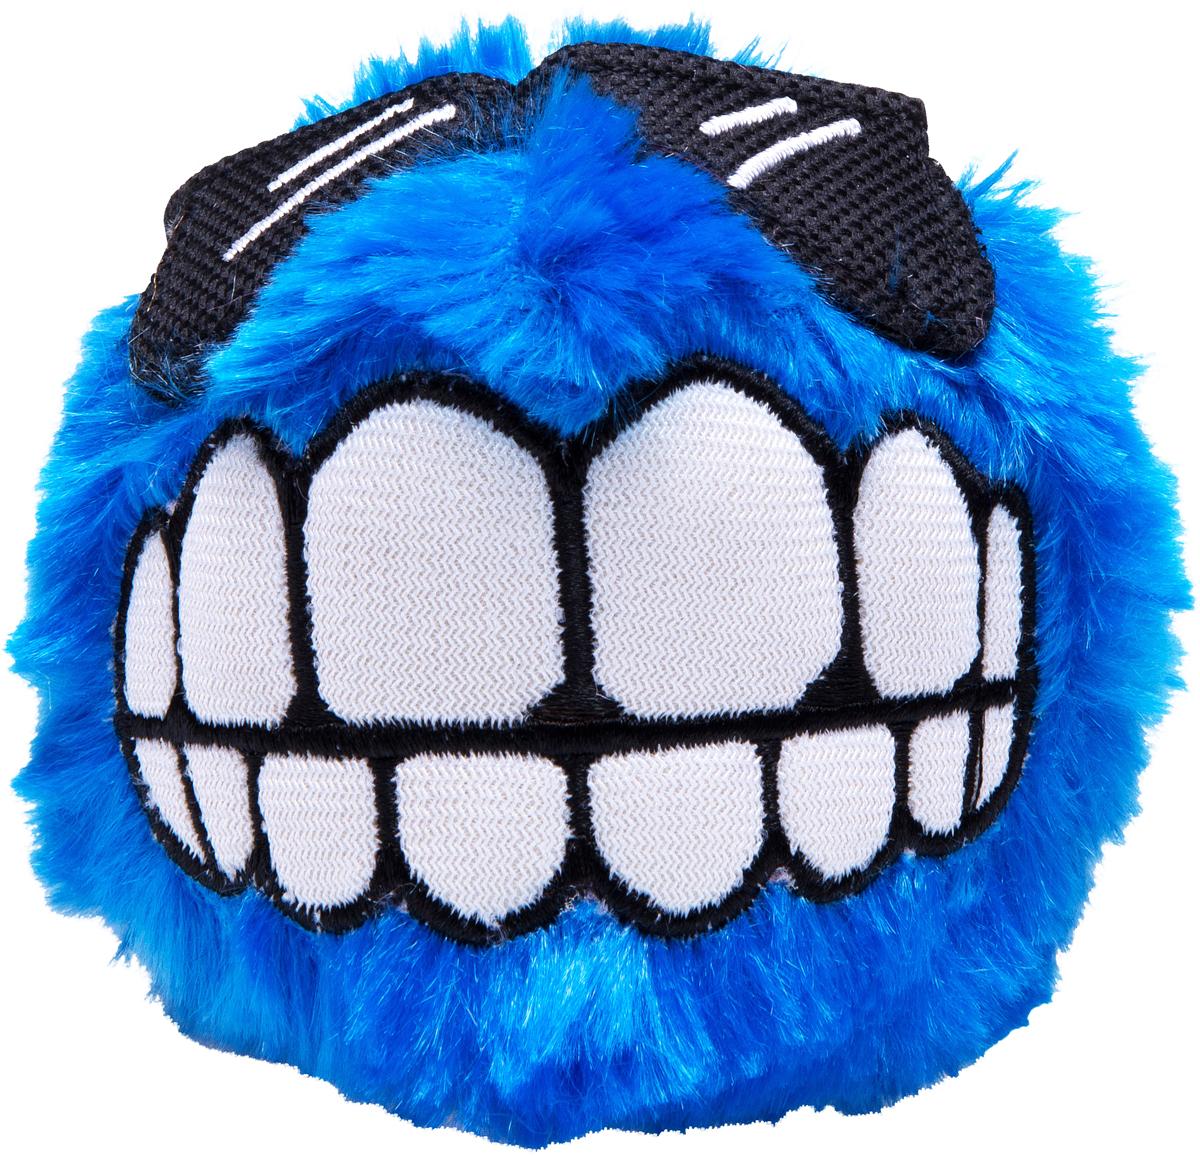 Игрушка для собак Rogz Fluffy Grinz. Зубы, цвет: синий, диаметр 7,8 см75312Игрушка для собак Rogz Fluffy Grinz. Зубы - особо мягкий, плюшевый мяч. Для животных, которые любят играть в Поймай-принеси - это просто мечта.Небольшой вес изделия.Не травмирует зубы и десны.Удобен для переноски животных.Внутри игрушки пищалка, что поддерживает интерес животного к игре.